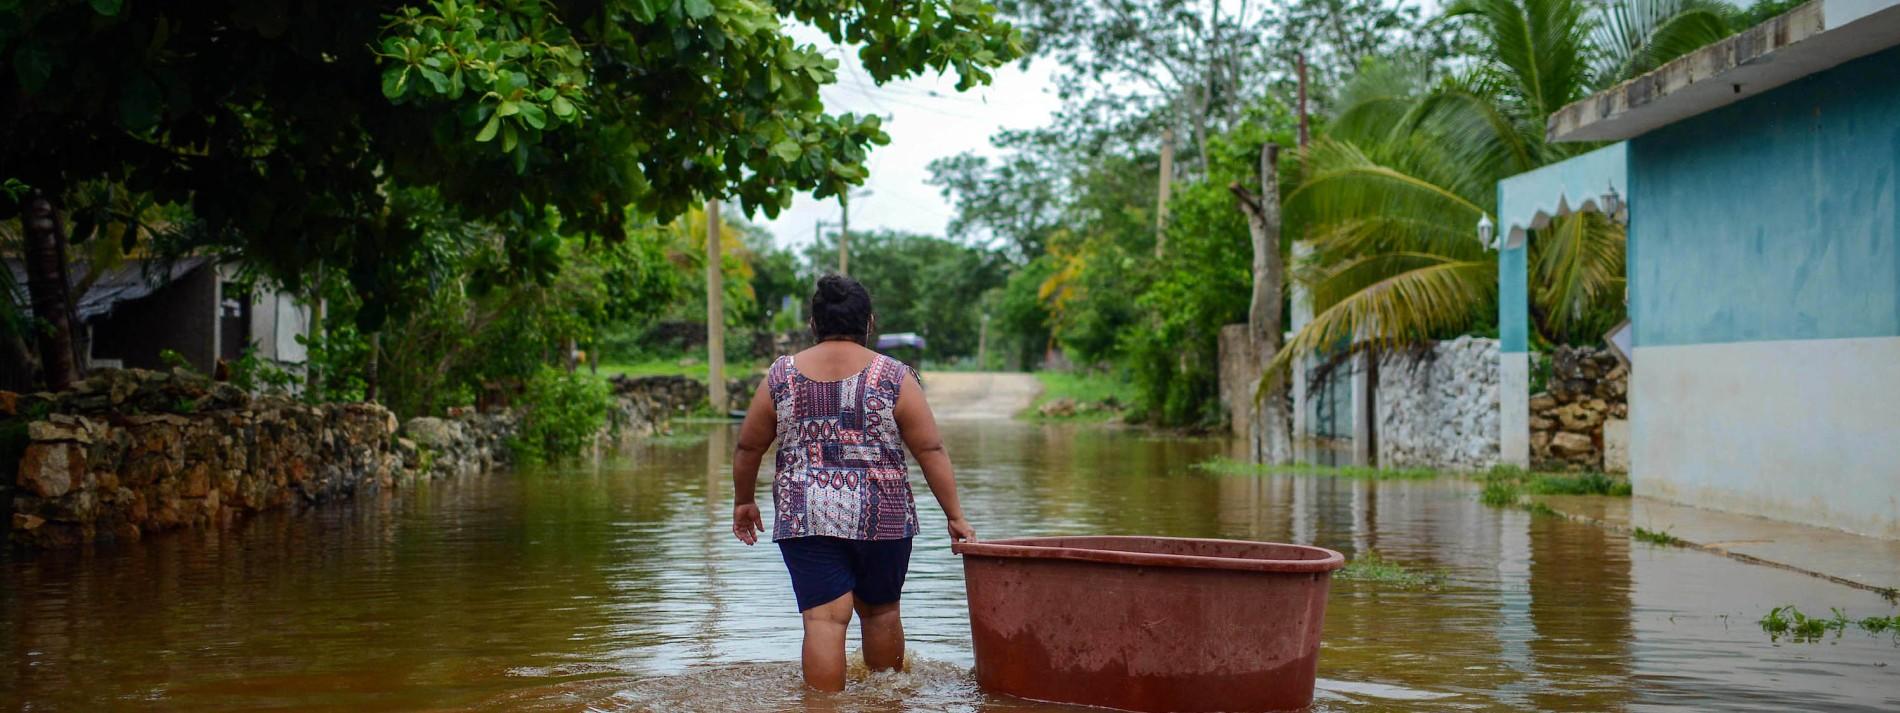 Mindestens 30 Tote durch Tropenstürme im Atlantik